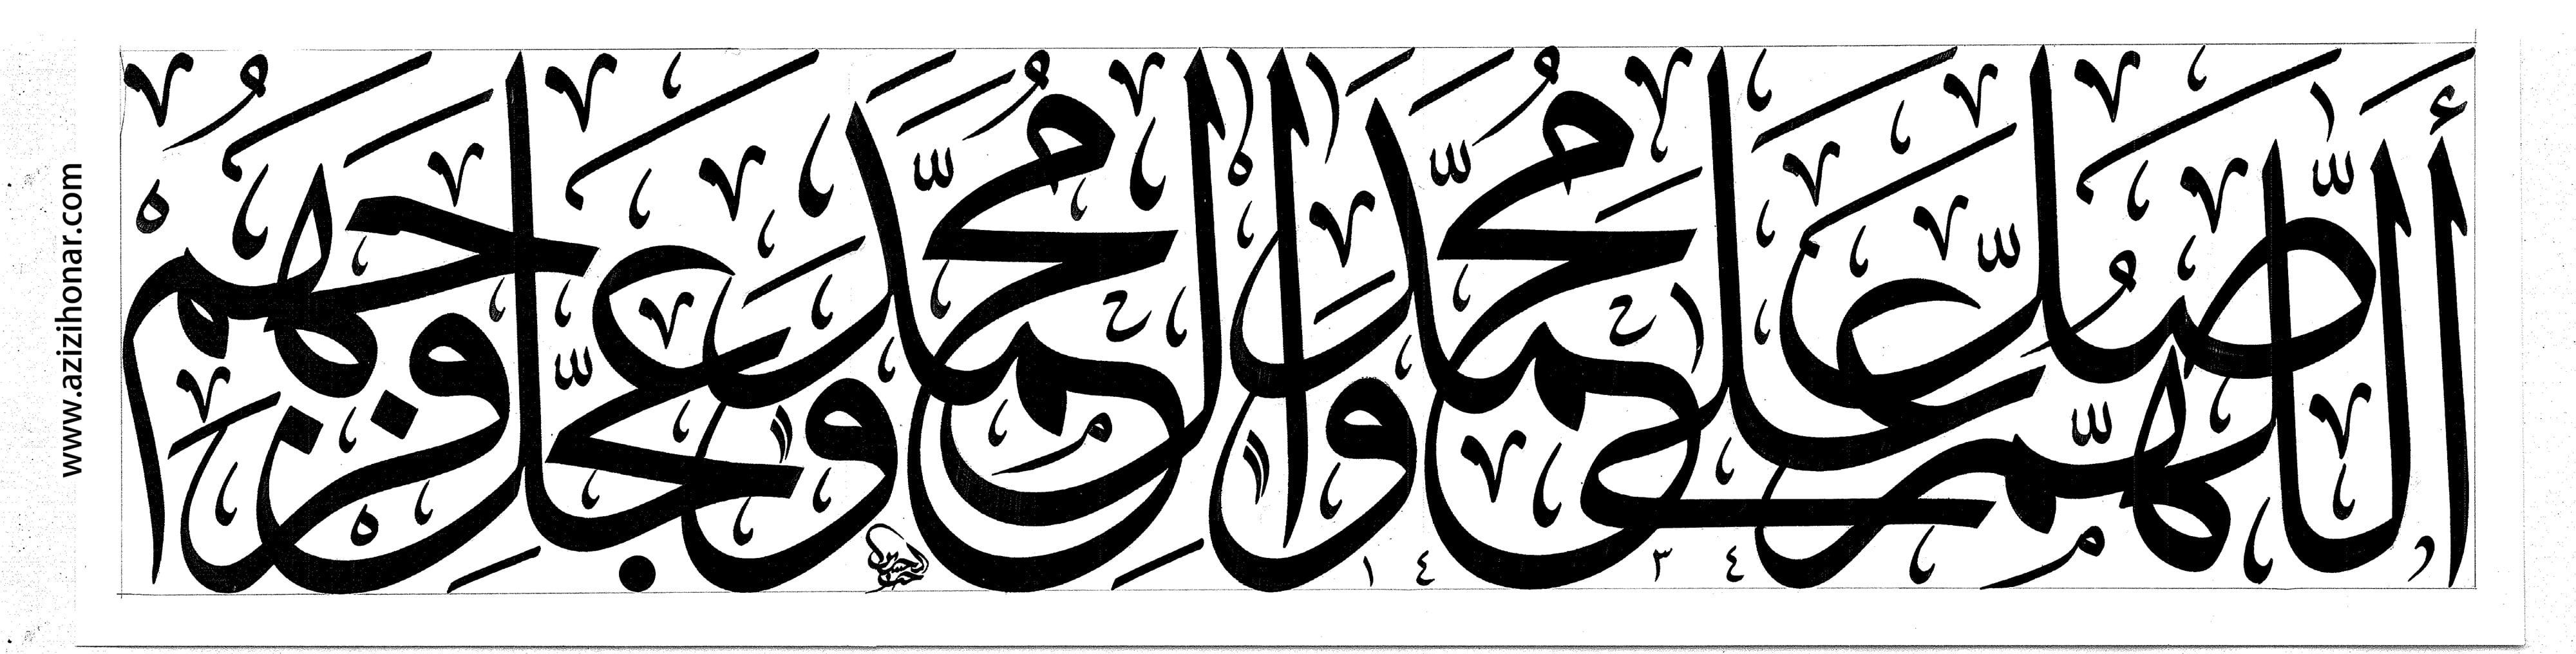 http://ramezan.com/wp-content/uploads/2014/06/ramezan.com_salavat-4.jpg